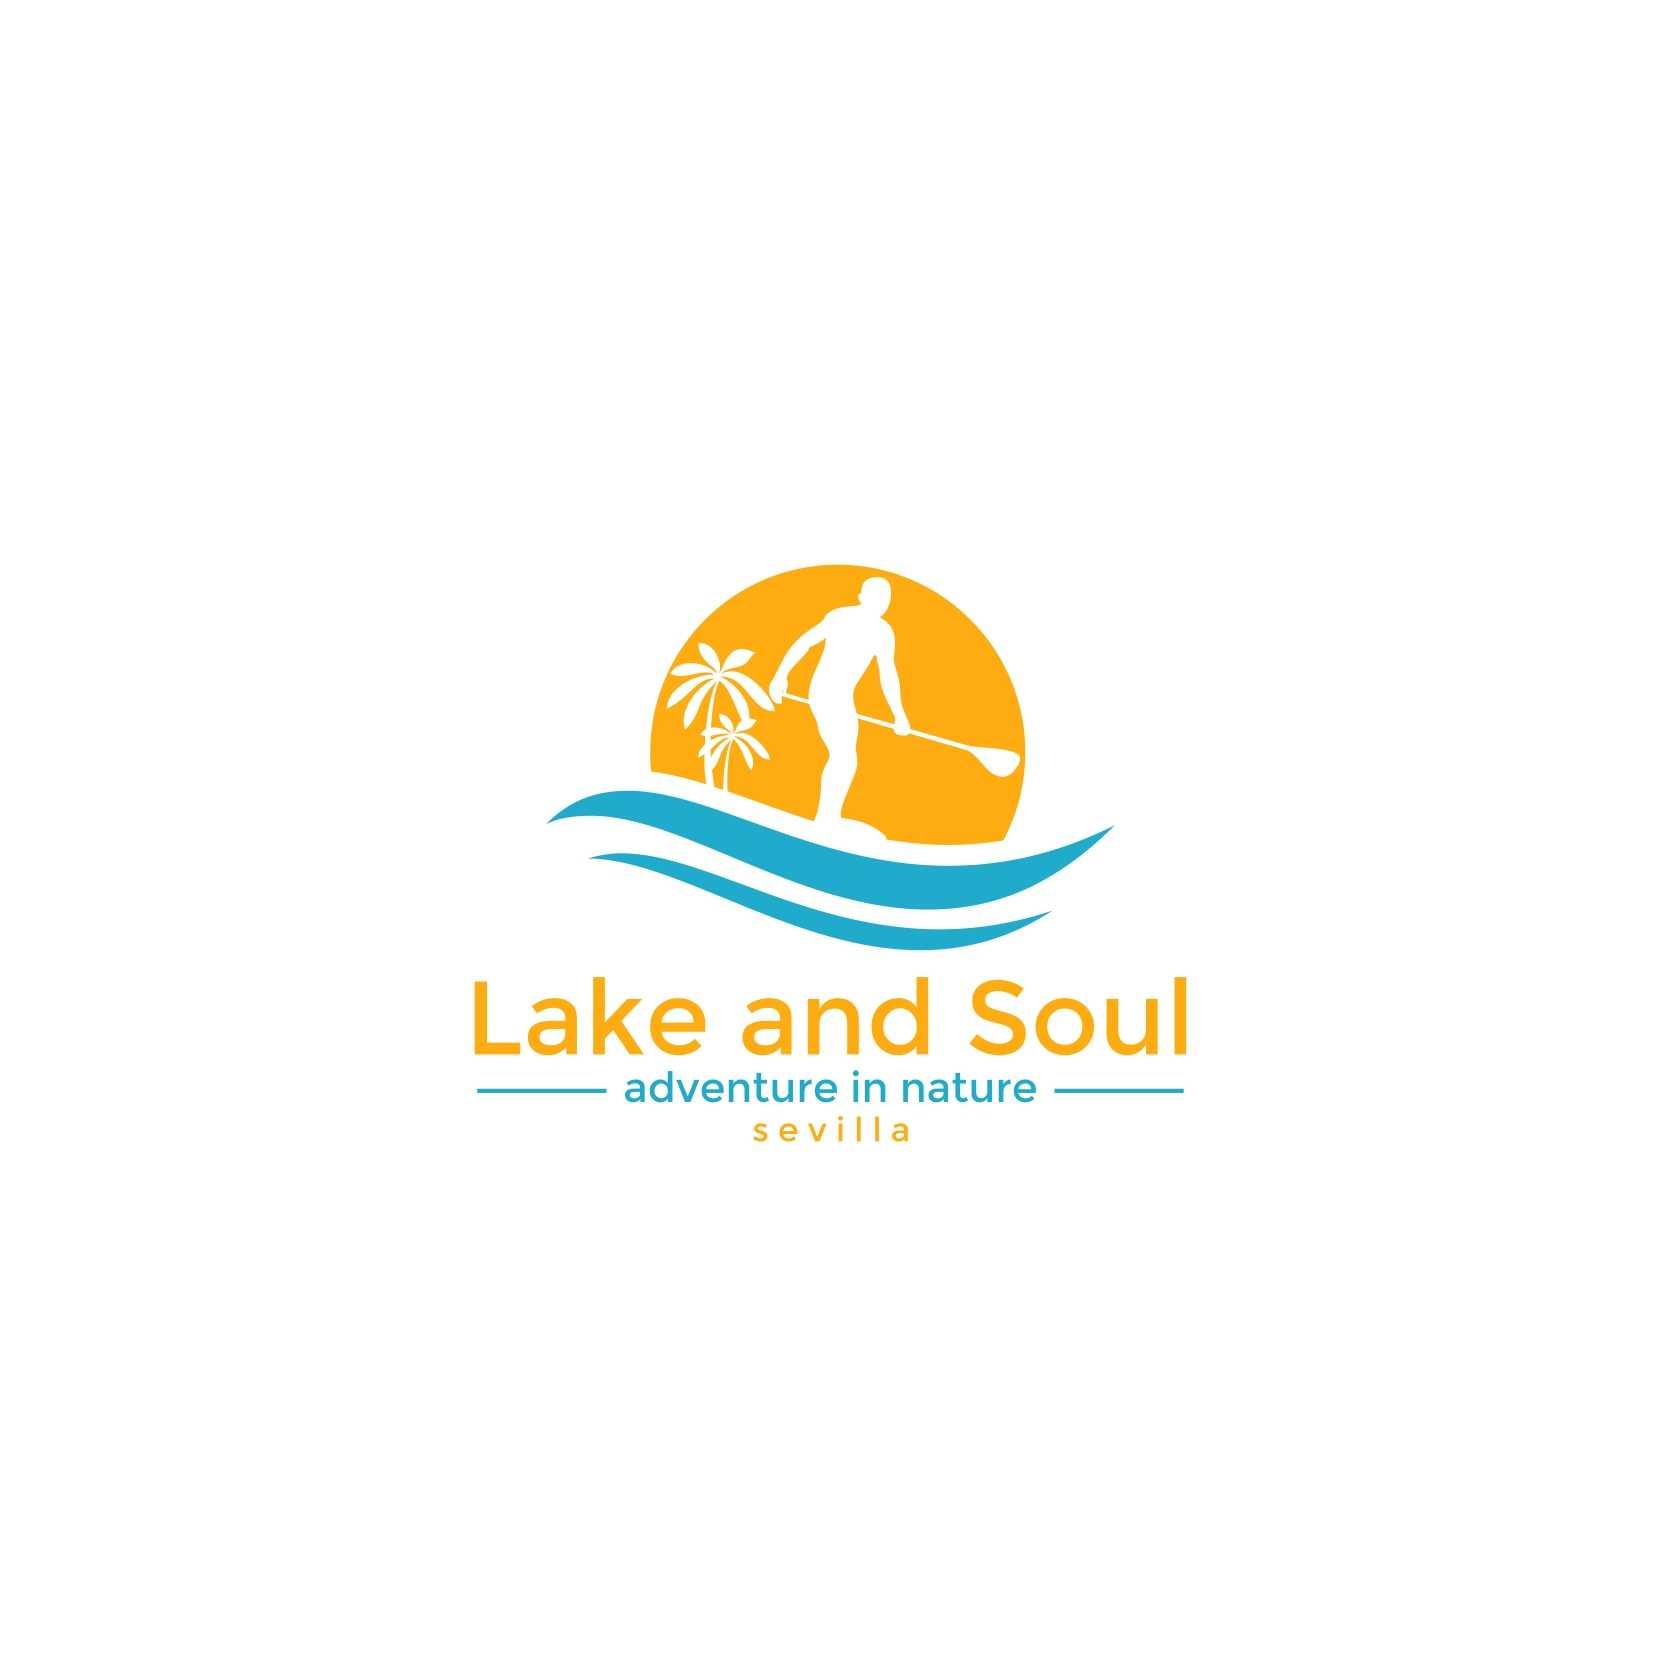 Lake and Soul